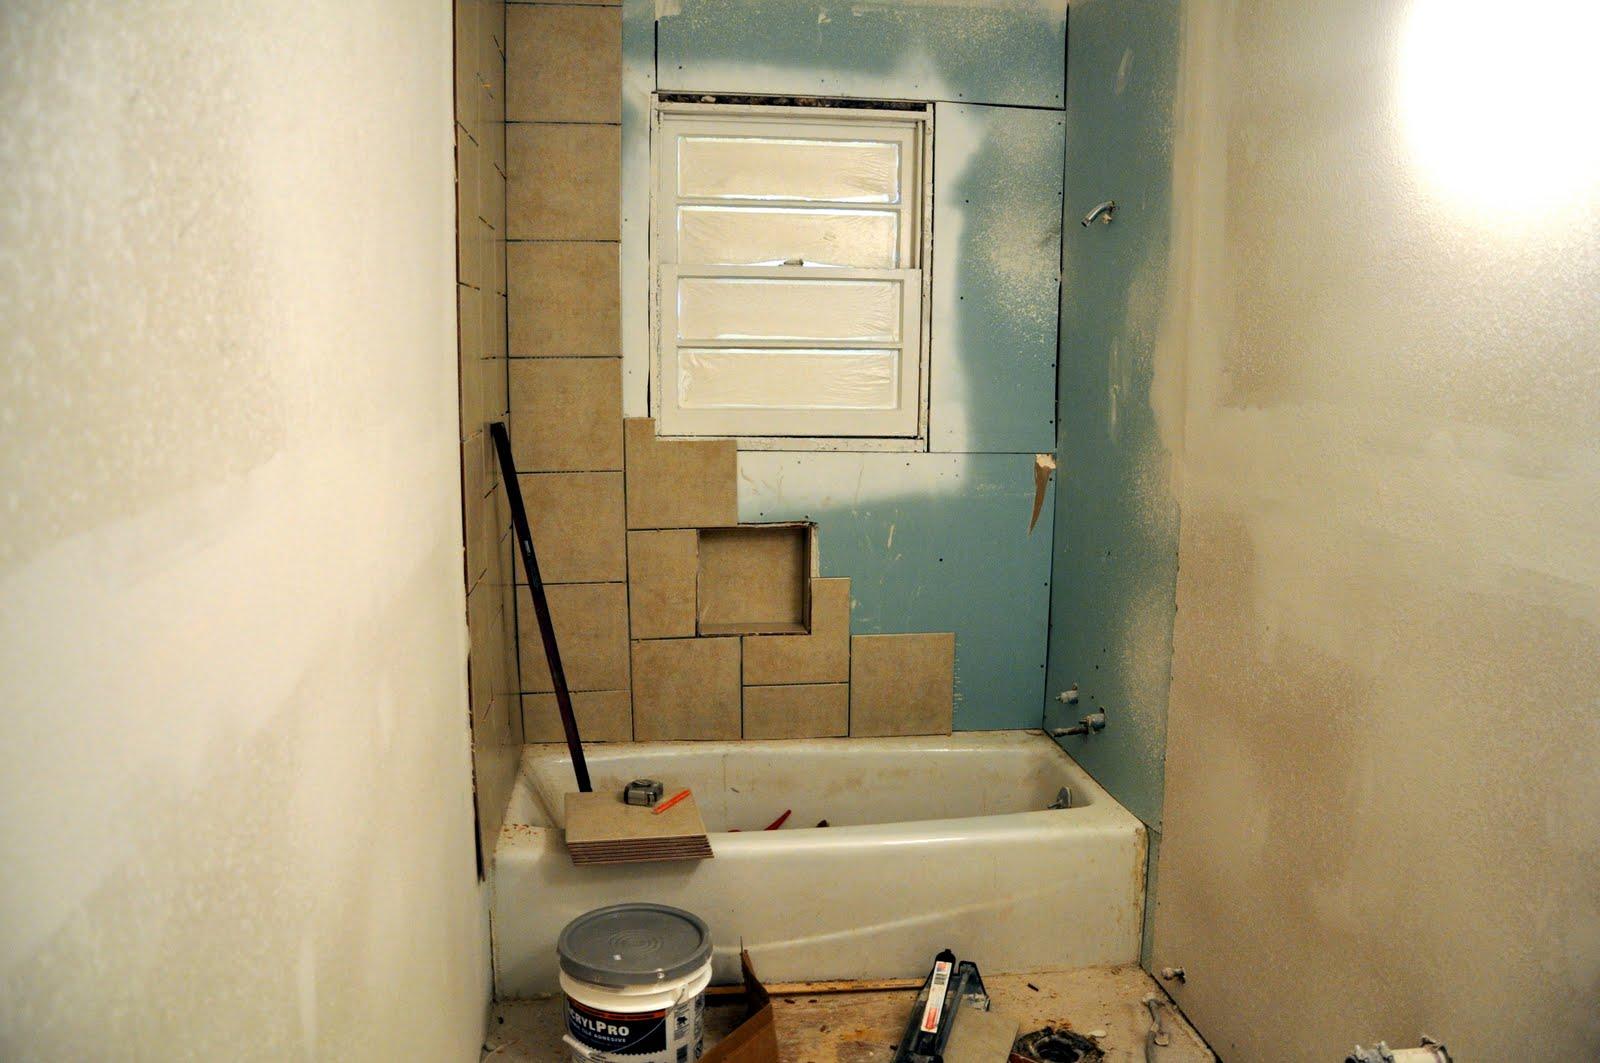 35th hall bathroom two thirty five designs for Hallway bathroom ideas